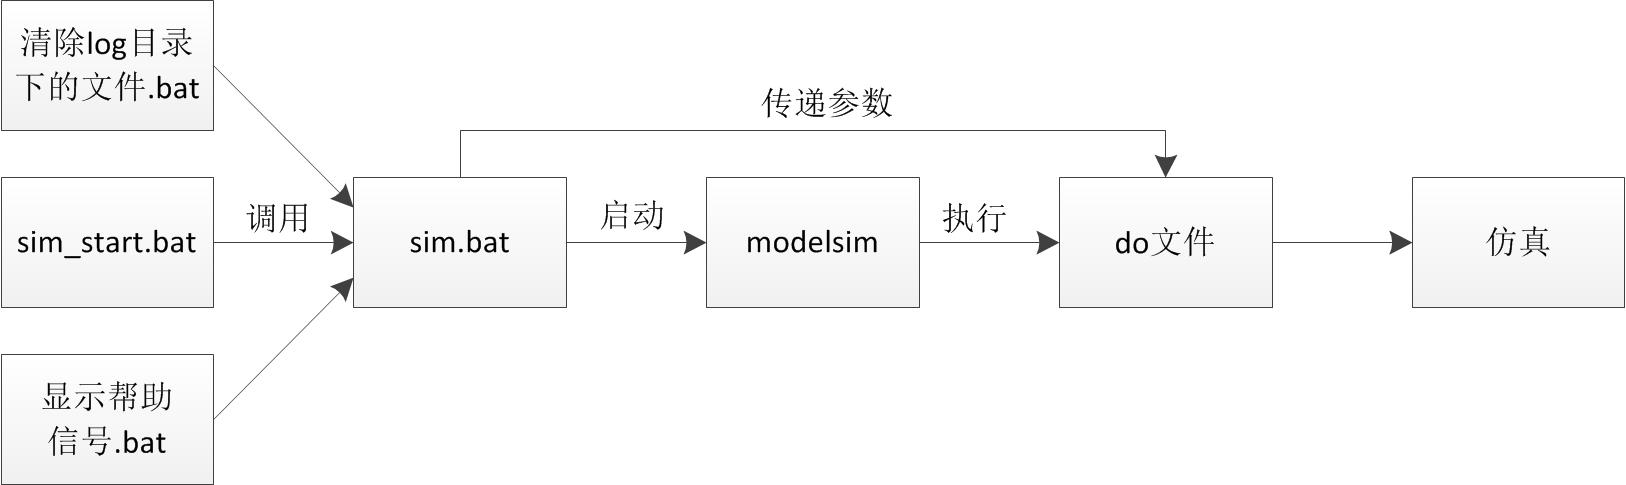 验证平台运行机制.jpg